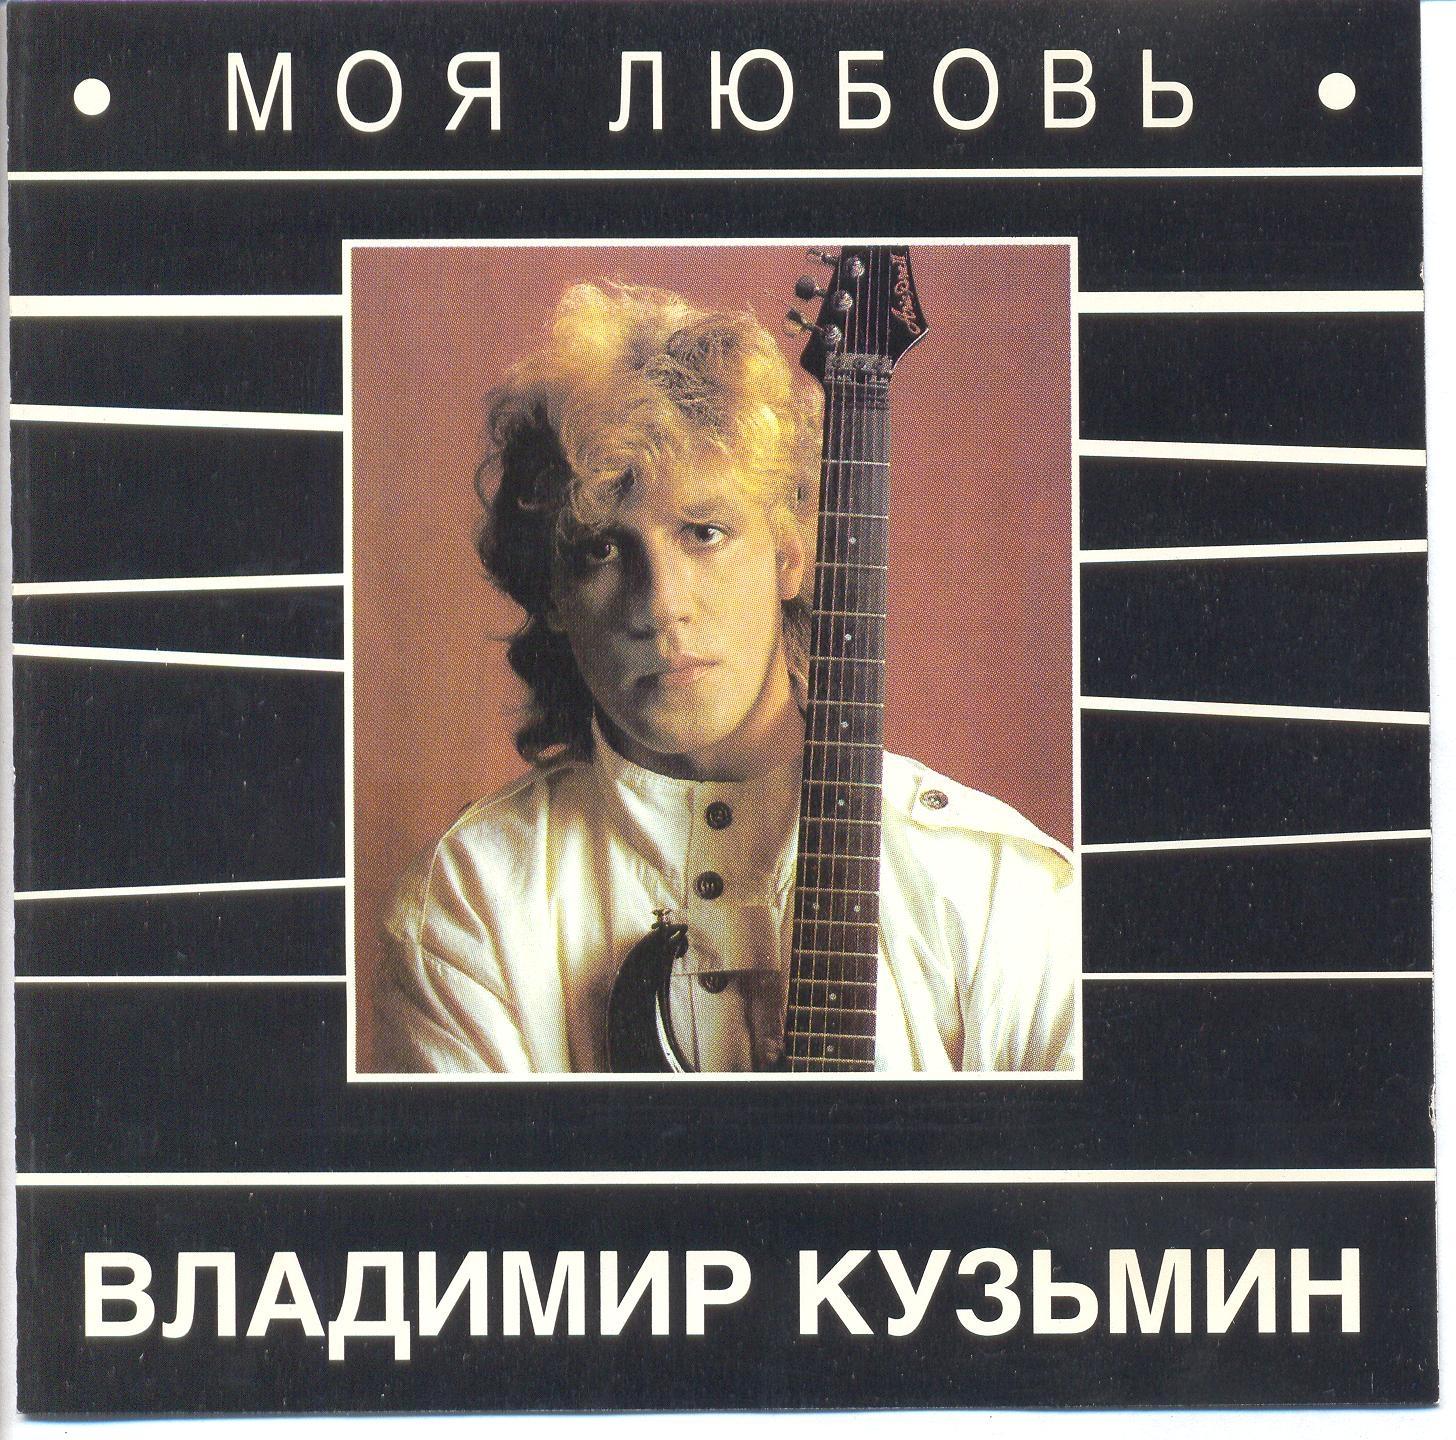 Владимир кузьмин я не забуду тебя (сибирские морозы) lyrics.